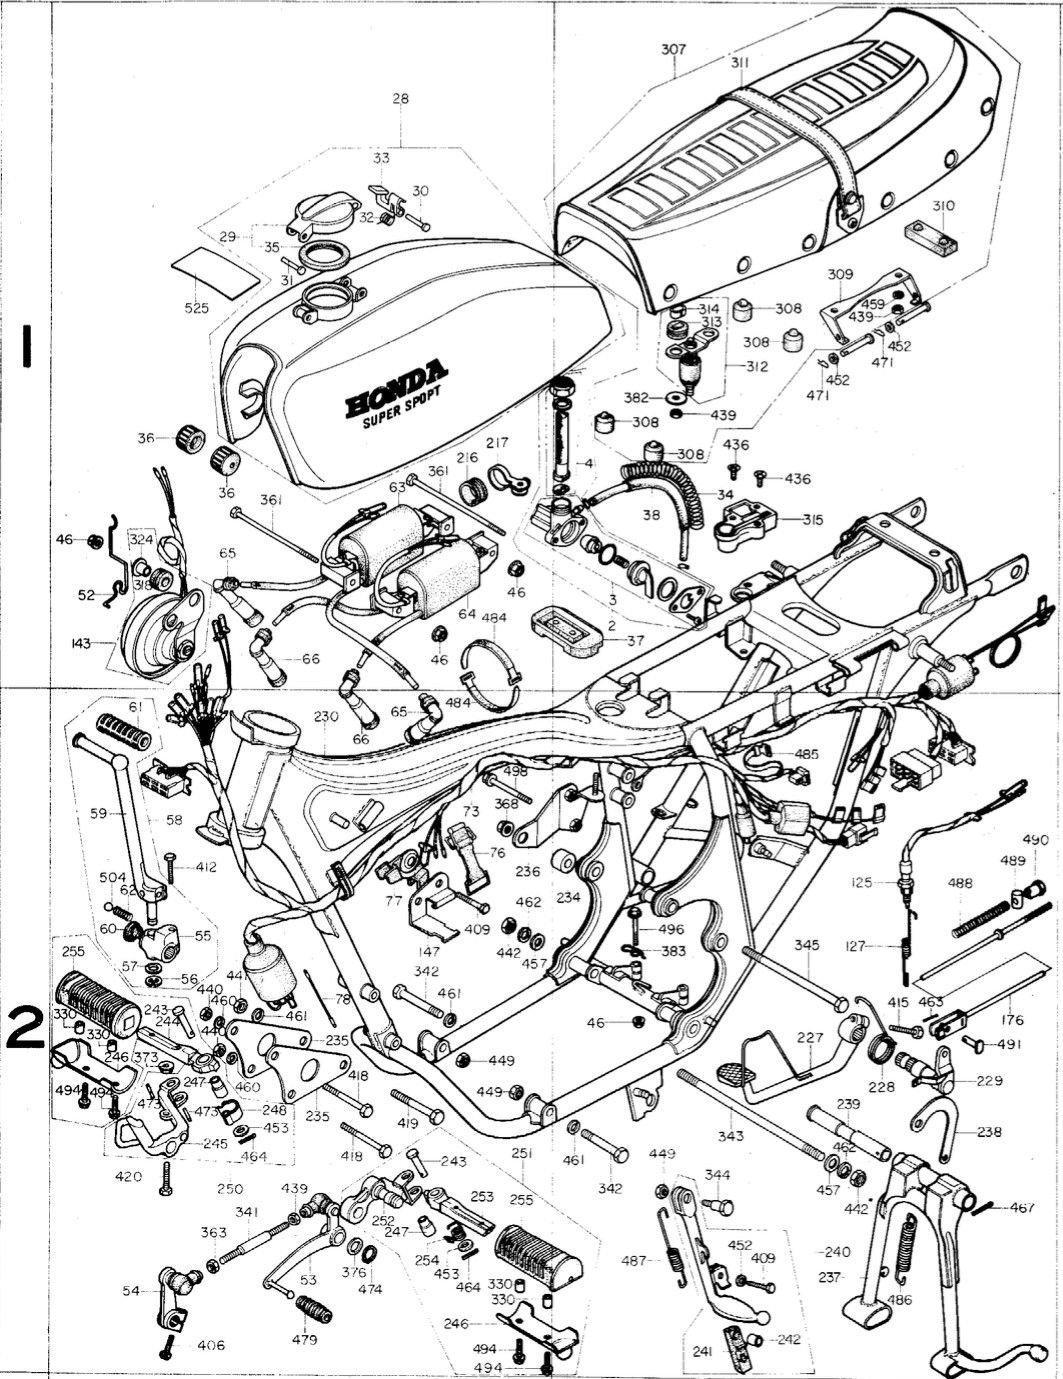 1975 1976 HONDA CB400F SS XRAY PARTS SPECIFICATIONS